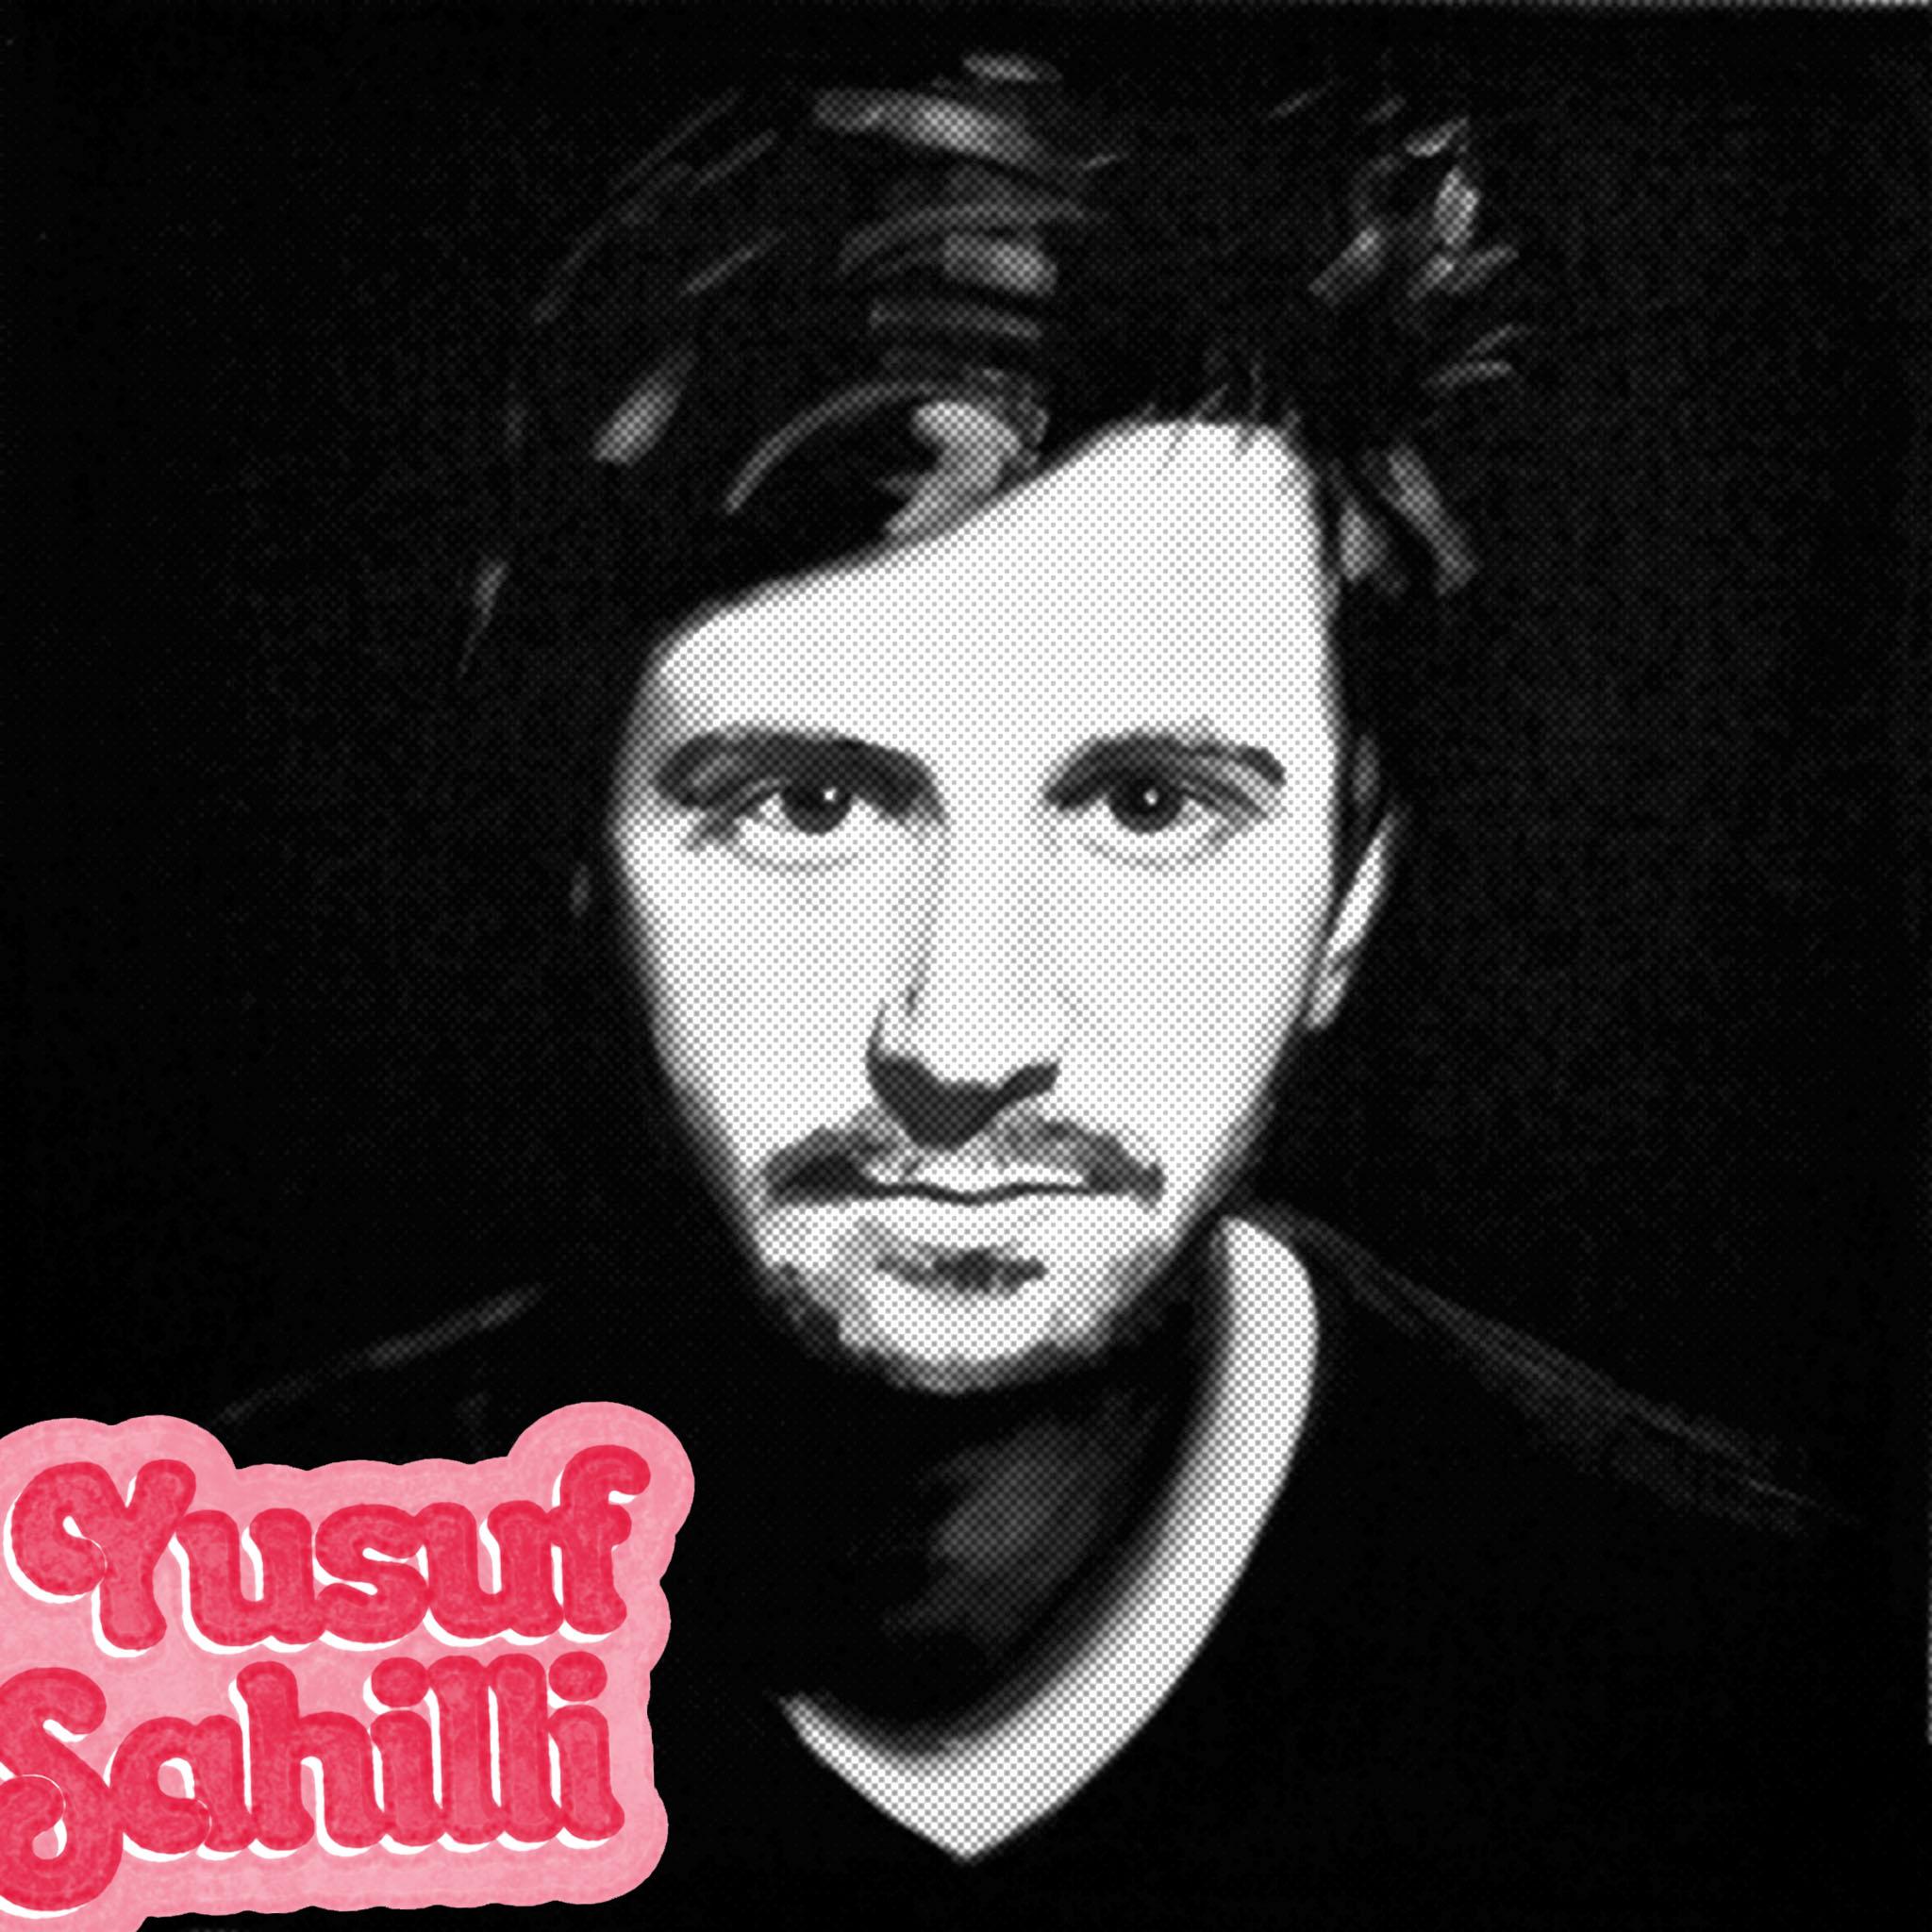 PSAS 2018   Yusuf Sahilli   Lineup